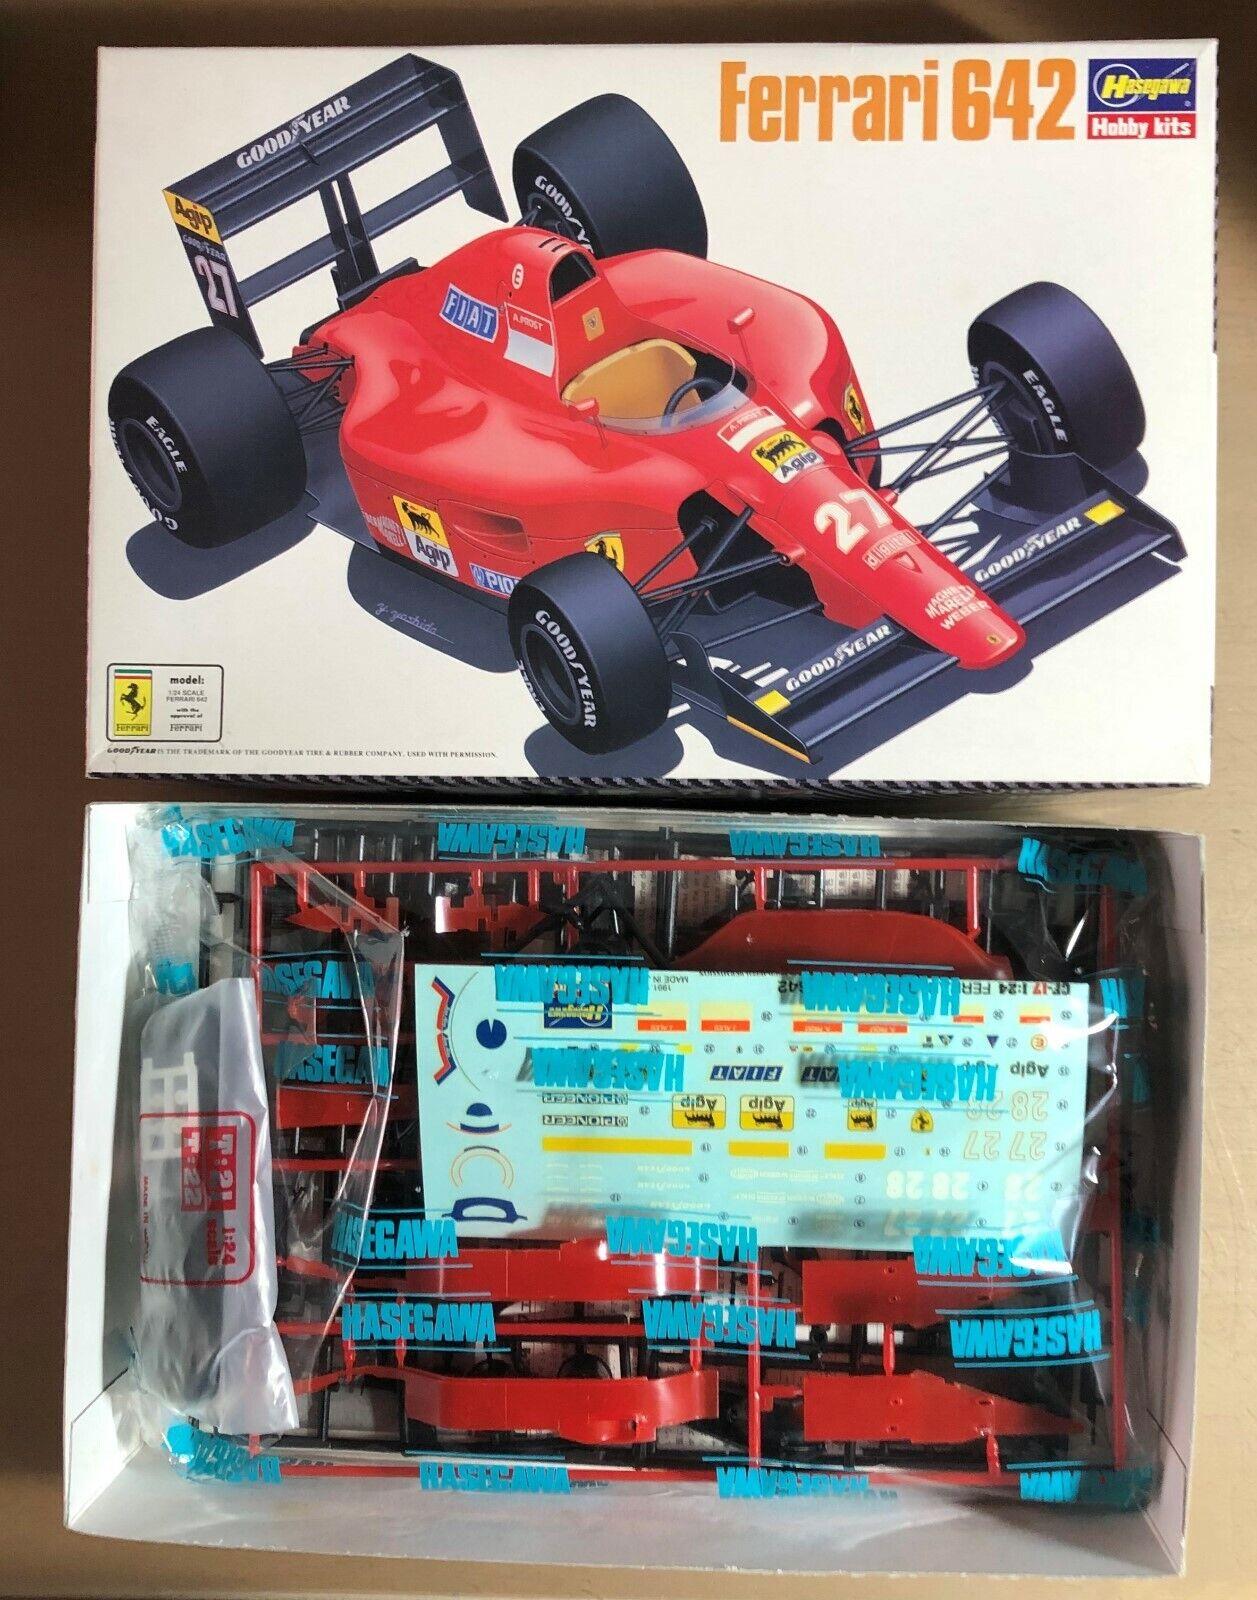 HASEGAWA 23017 - FERRARI 642 - 1 24 PLASTIC PLASTIC PLASTIC KIT 51afdc